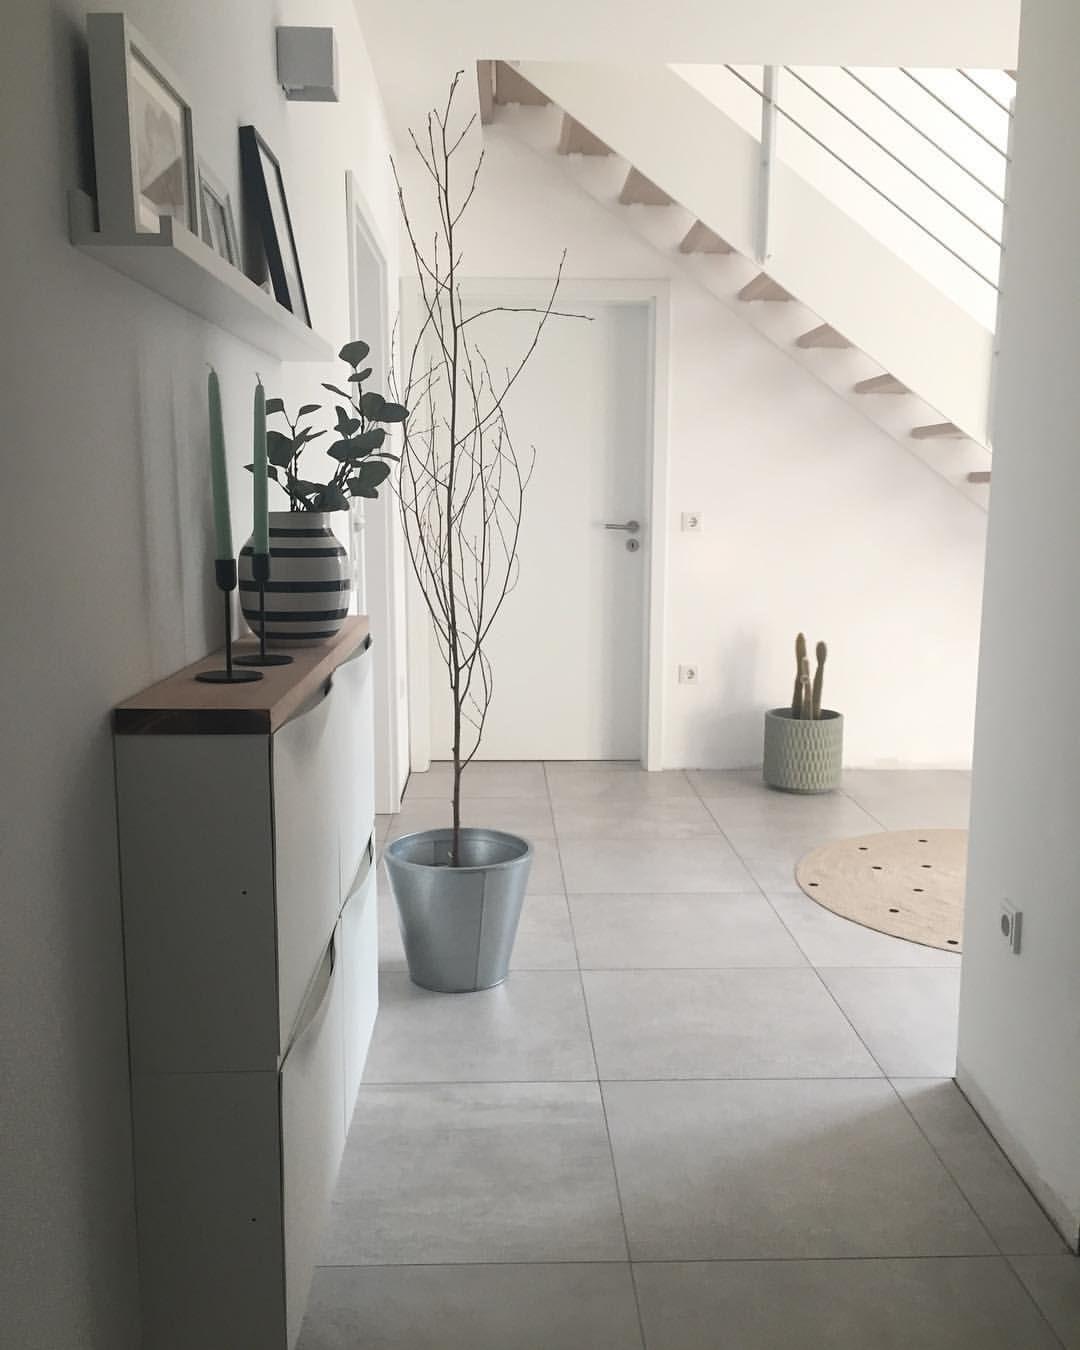 aufteilung und einrichtung h o m e pinterest aufteilung treppe fliesen und flure. Black Bedroom Furniture Sets. Home Design Ideas